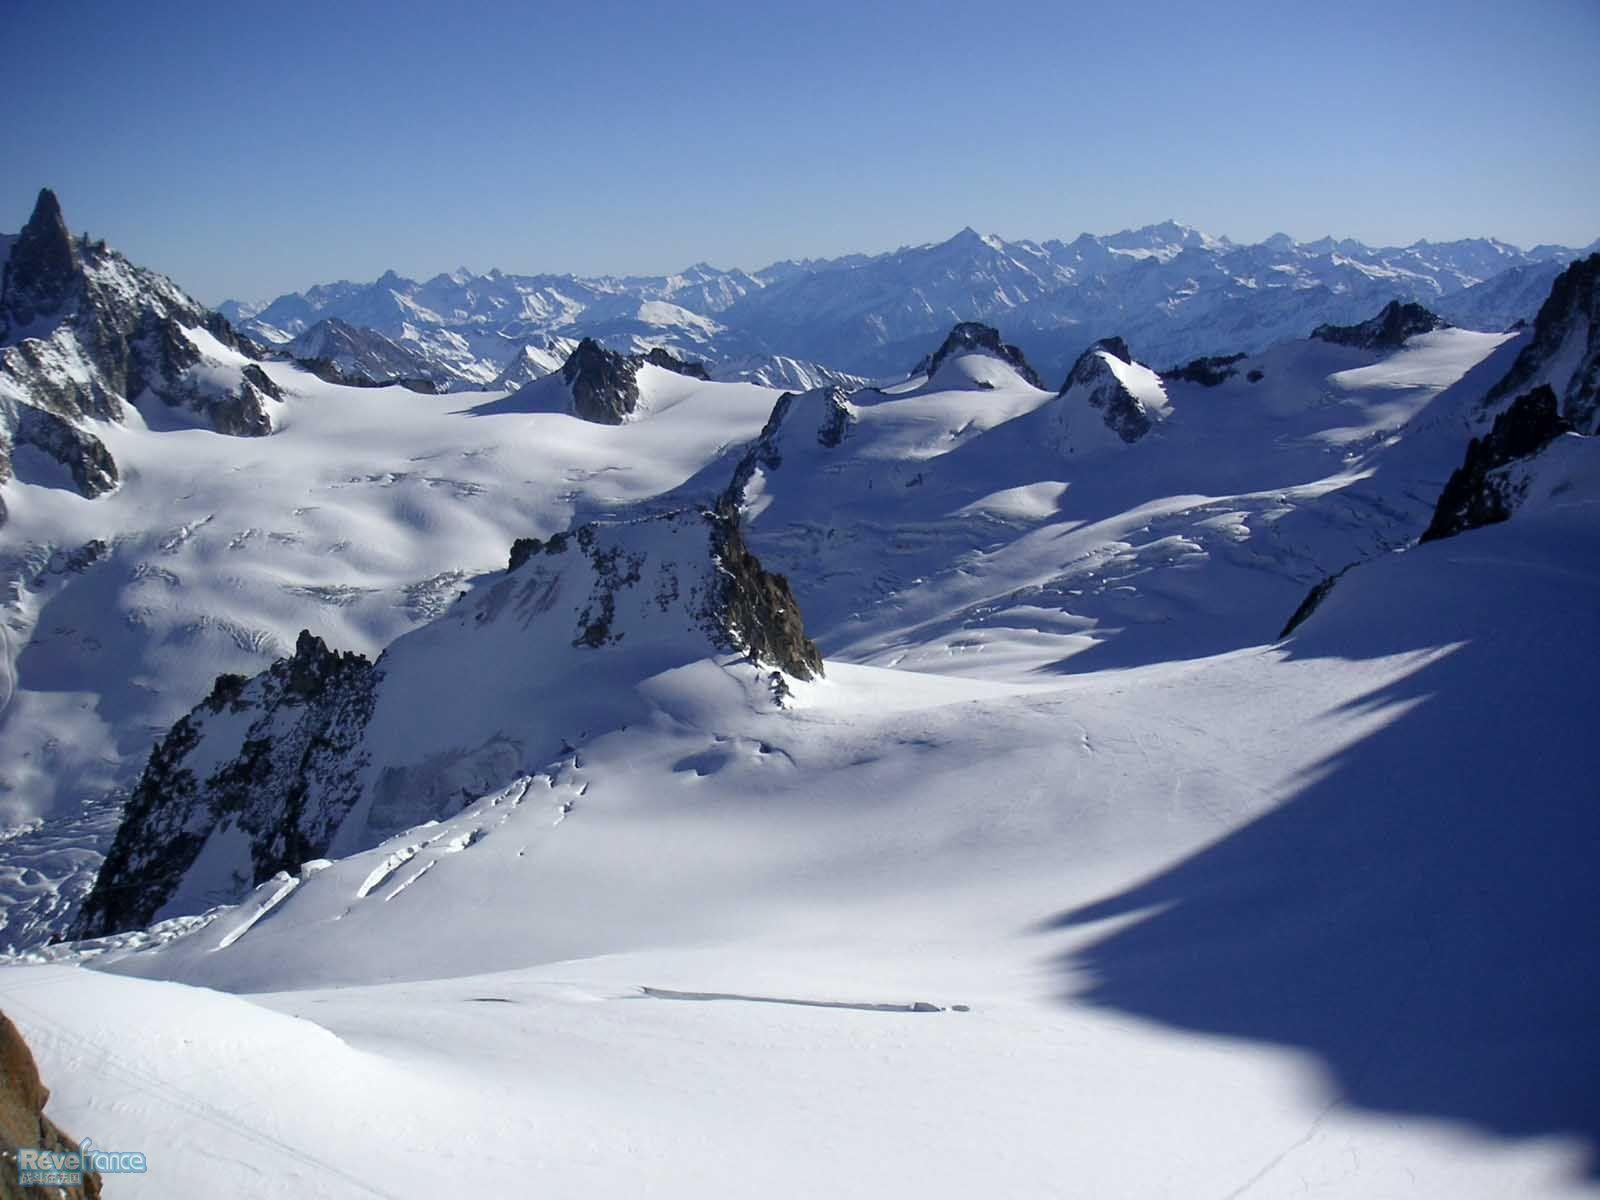 aiguille du midi-glacier du geant_vallee blanche冰川白色峡谷